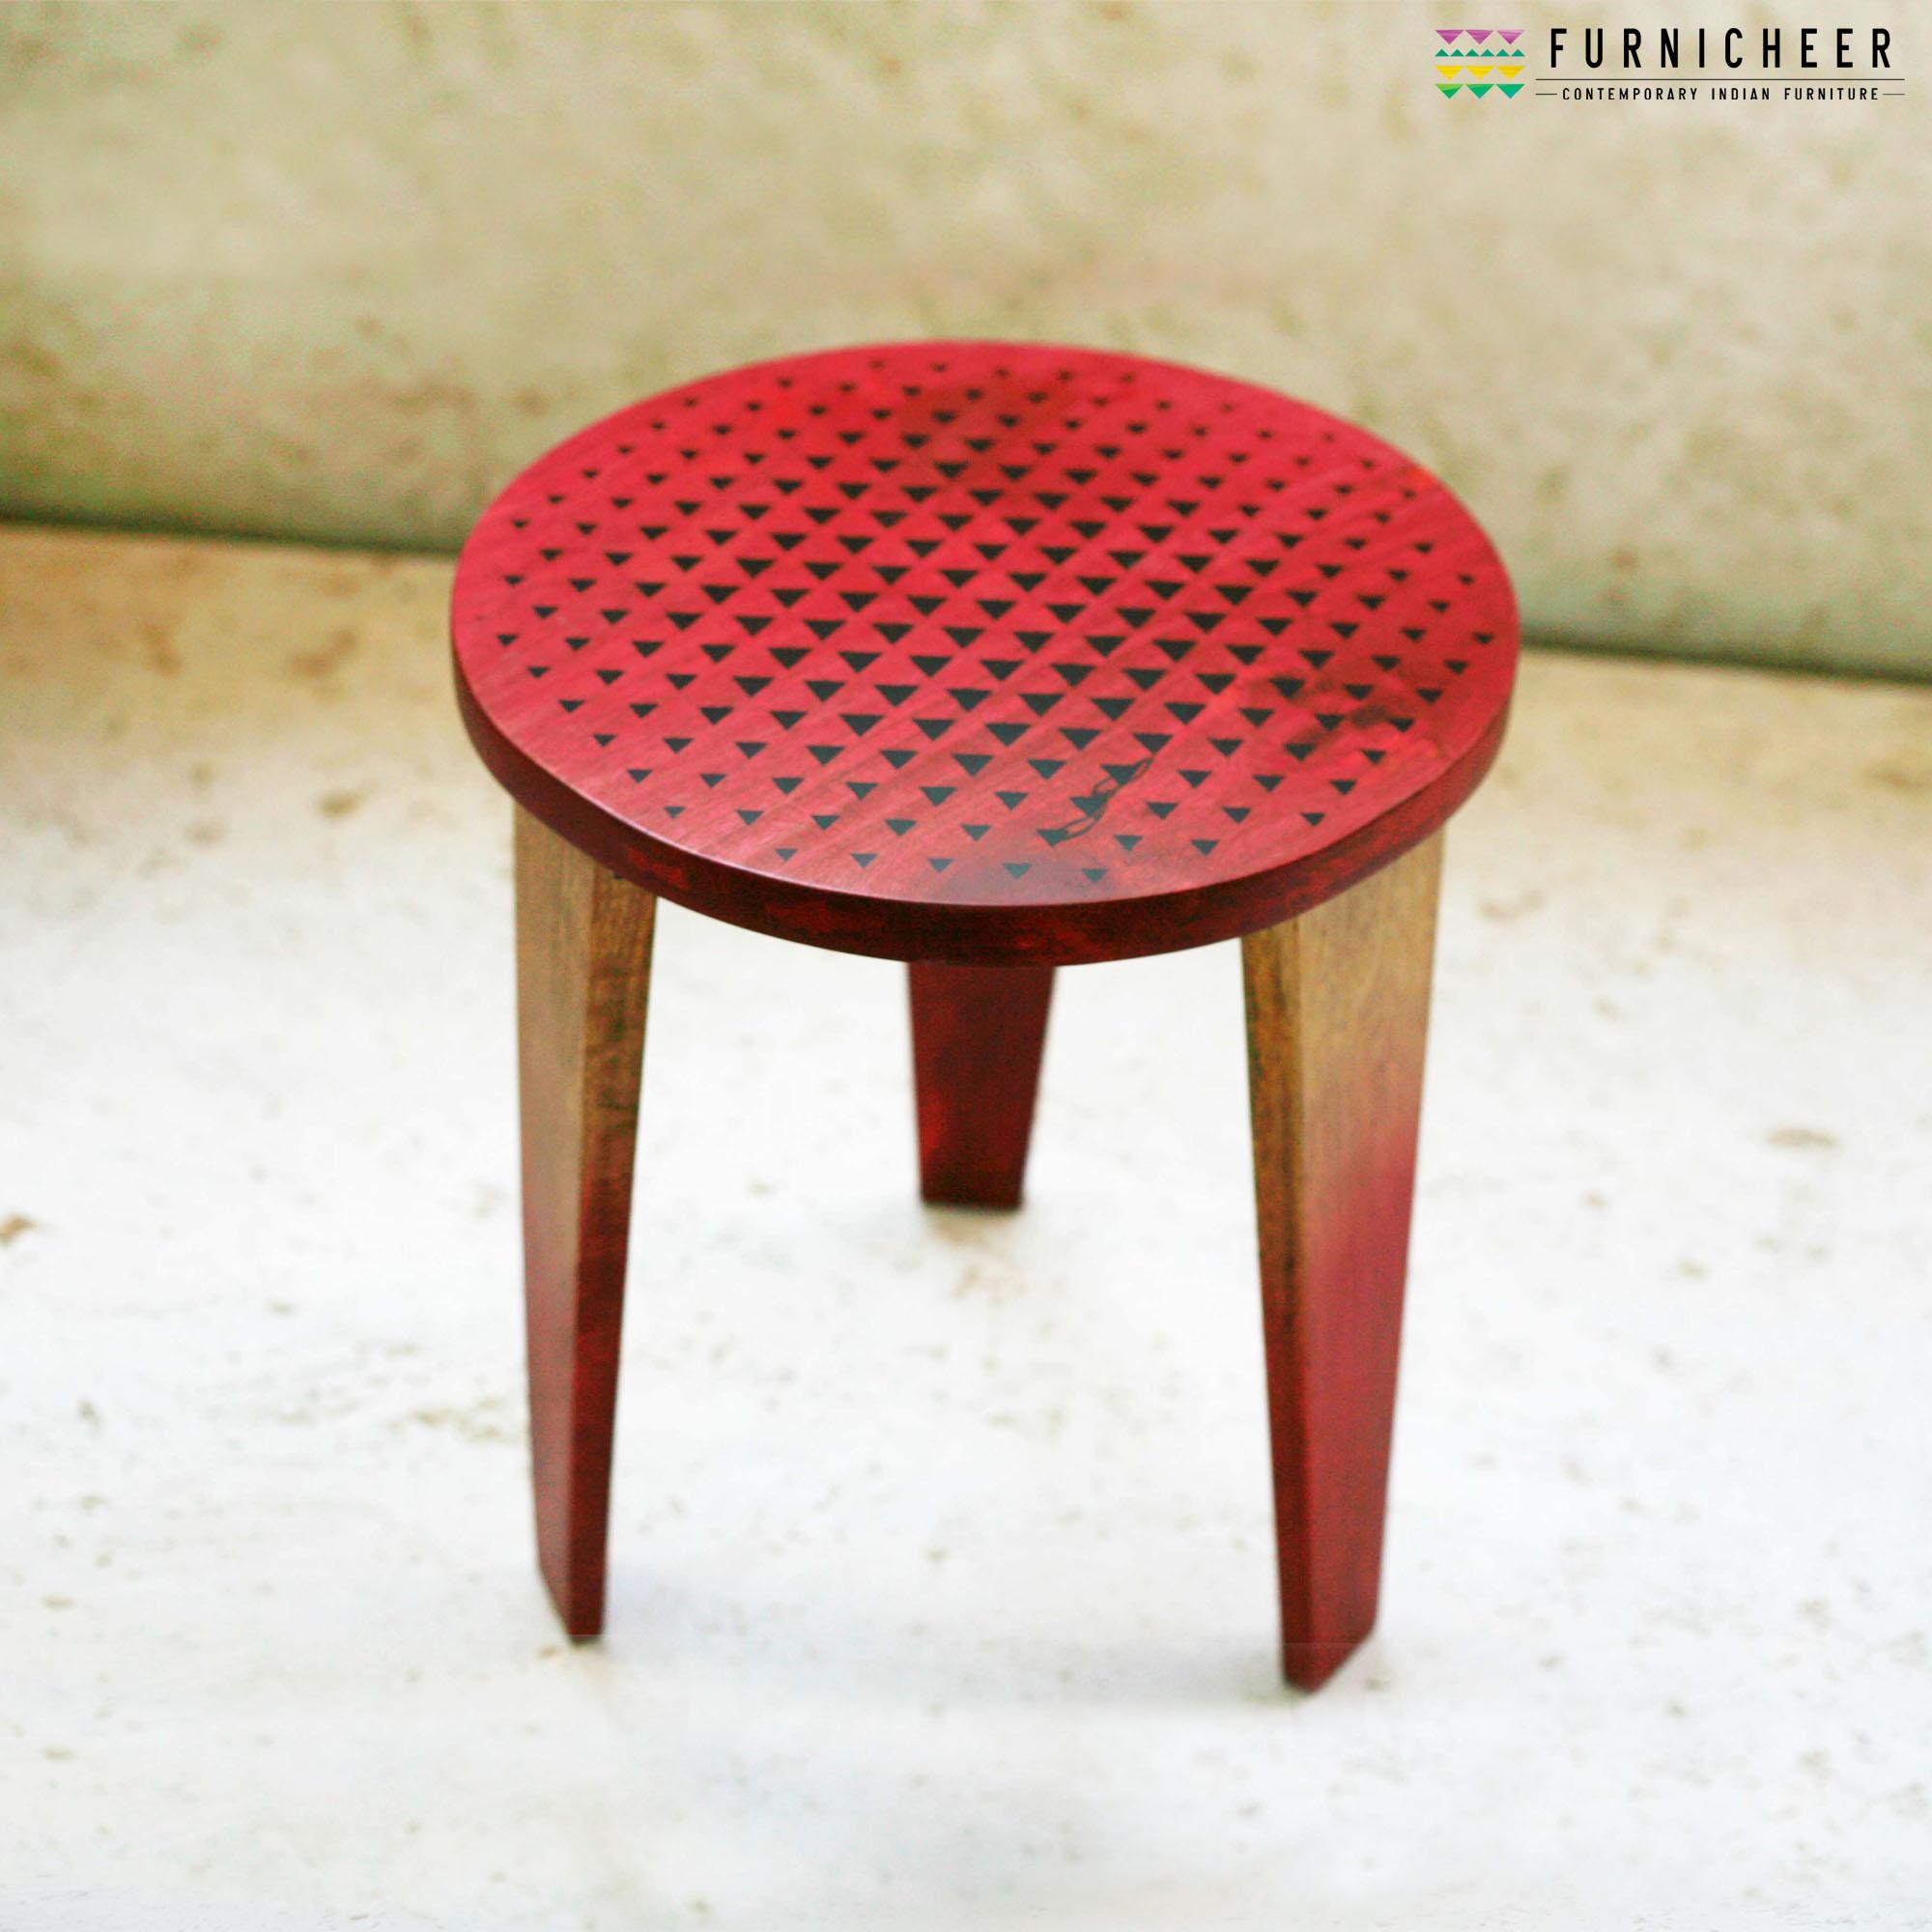 3.SIDE & END TABLE SKU SRSR0003